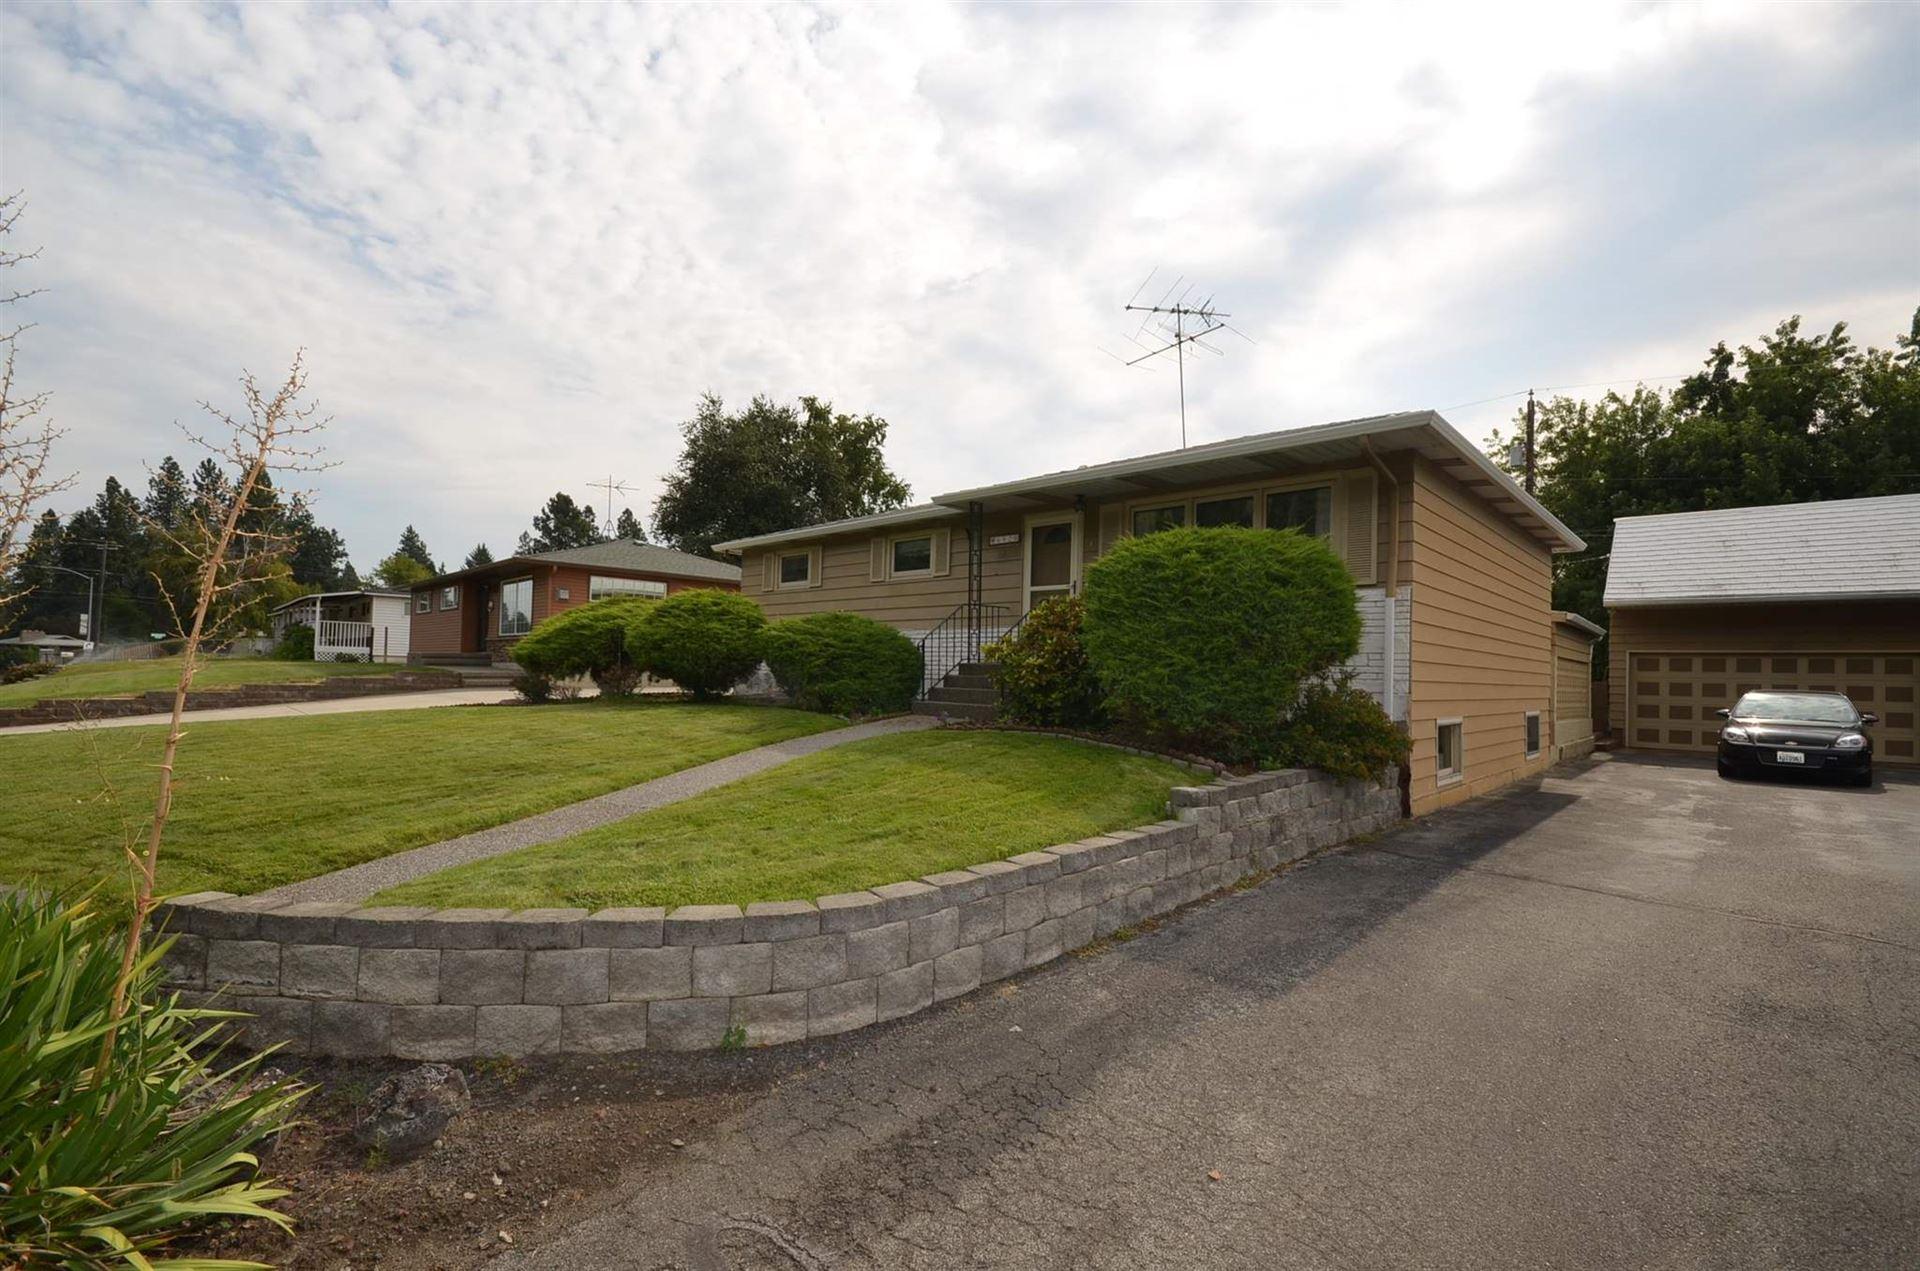 6920 N Country Homes Blvd, Spokane, WA 99208-4221 - #: 202120355